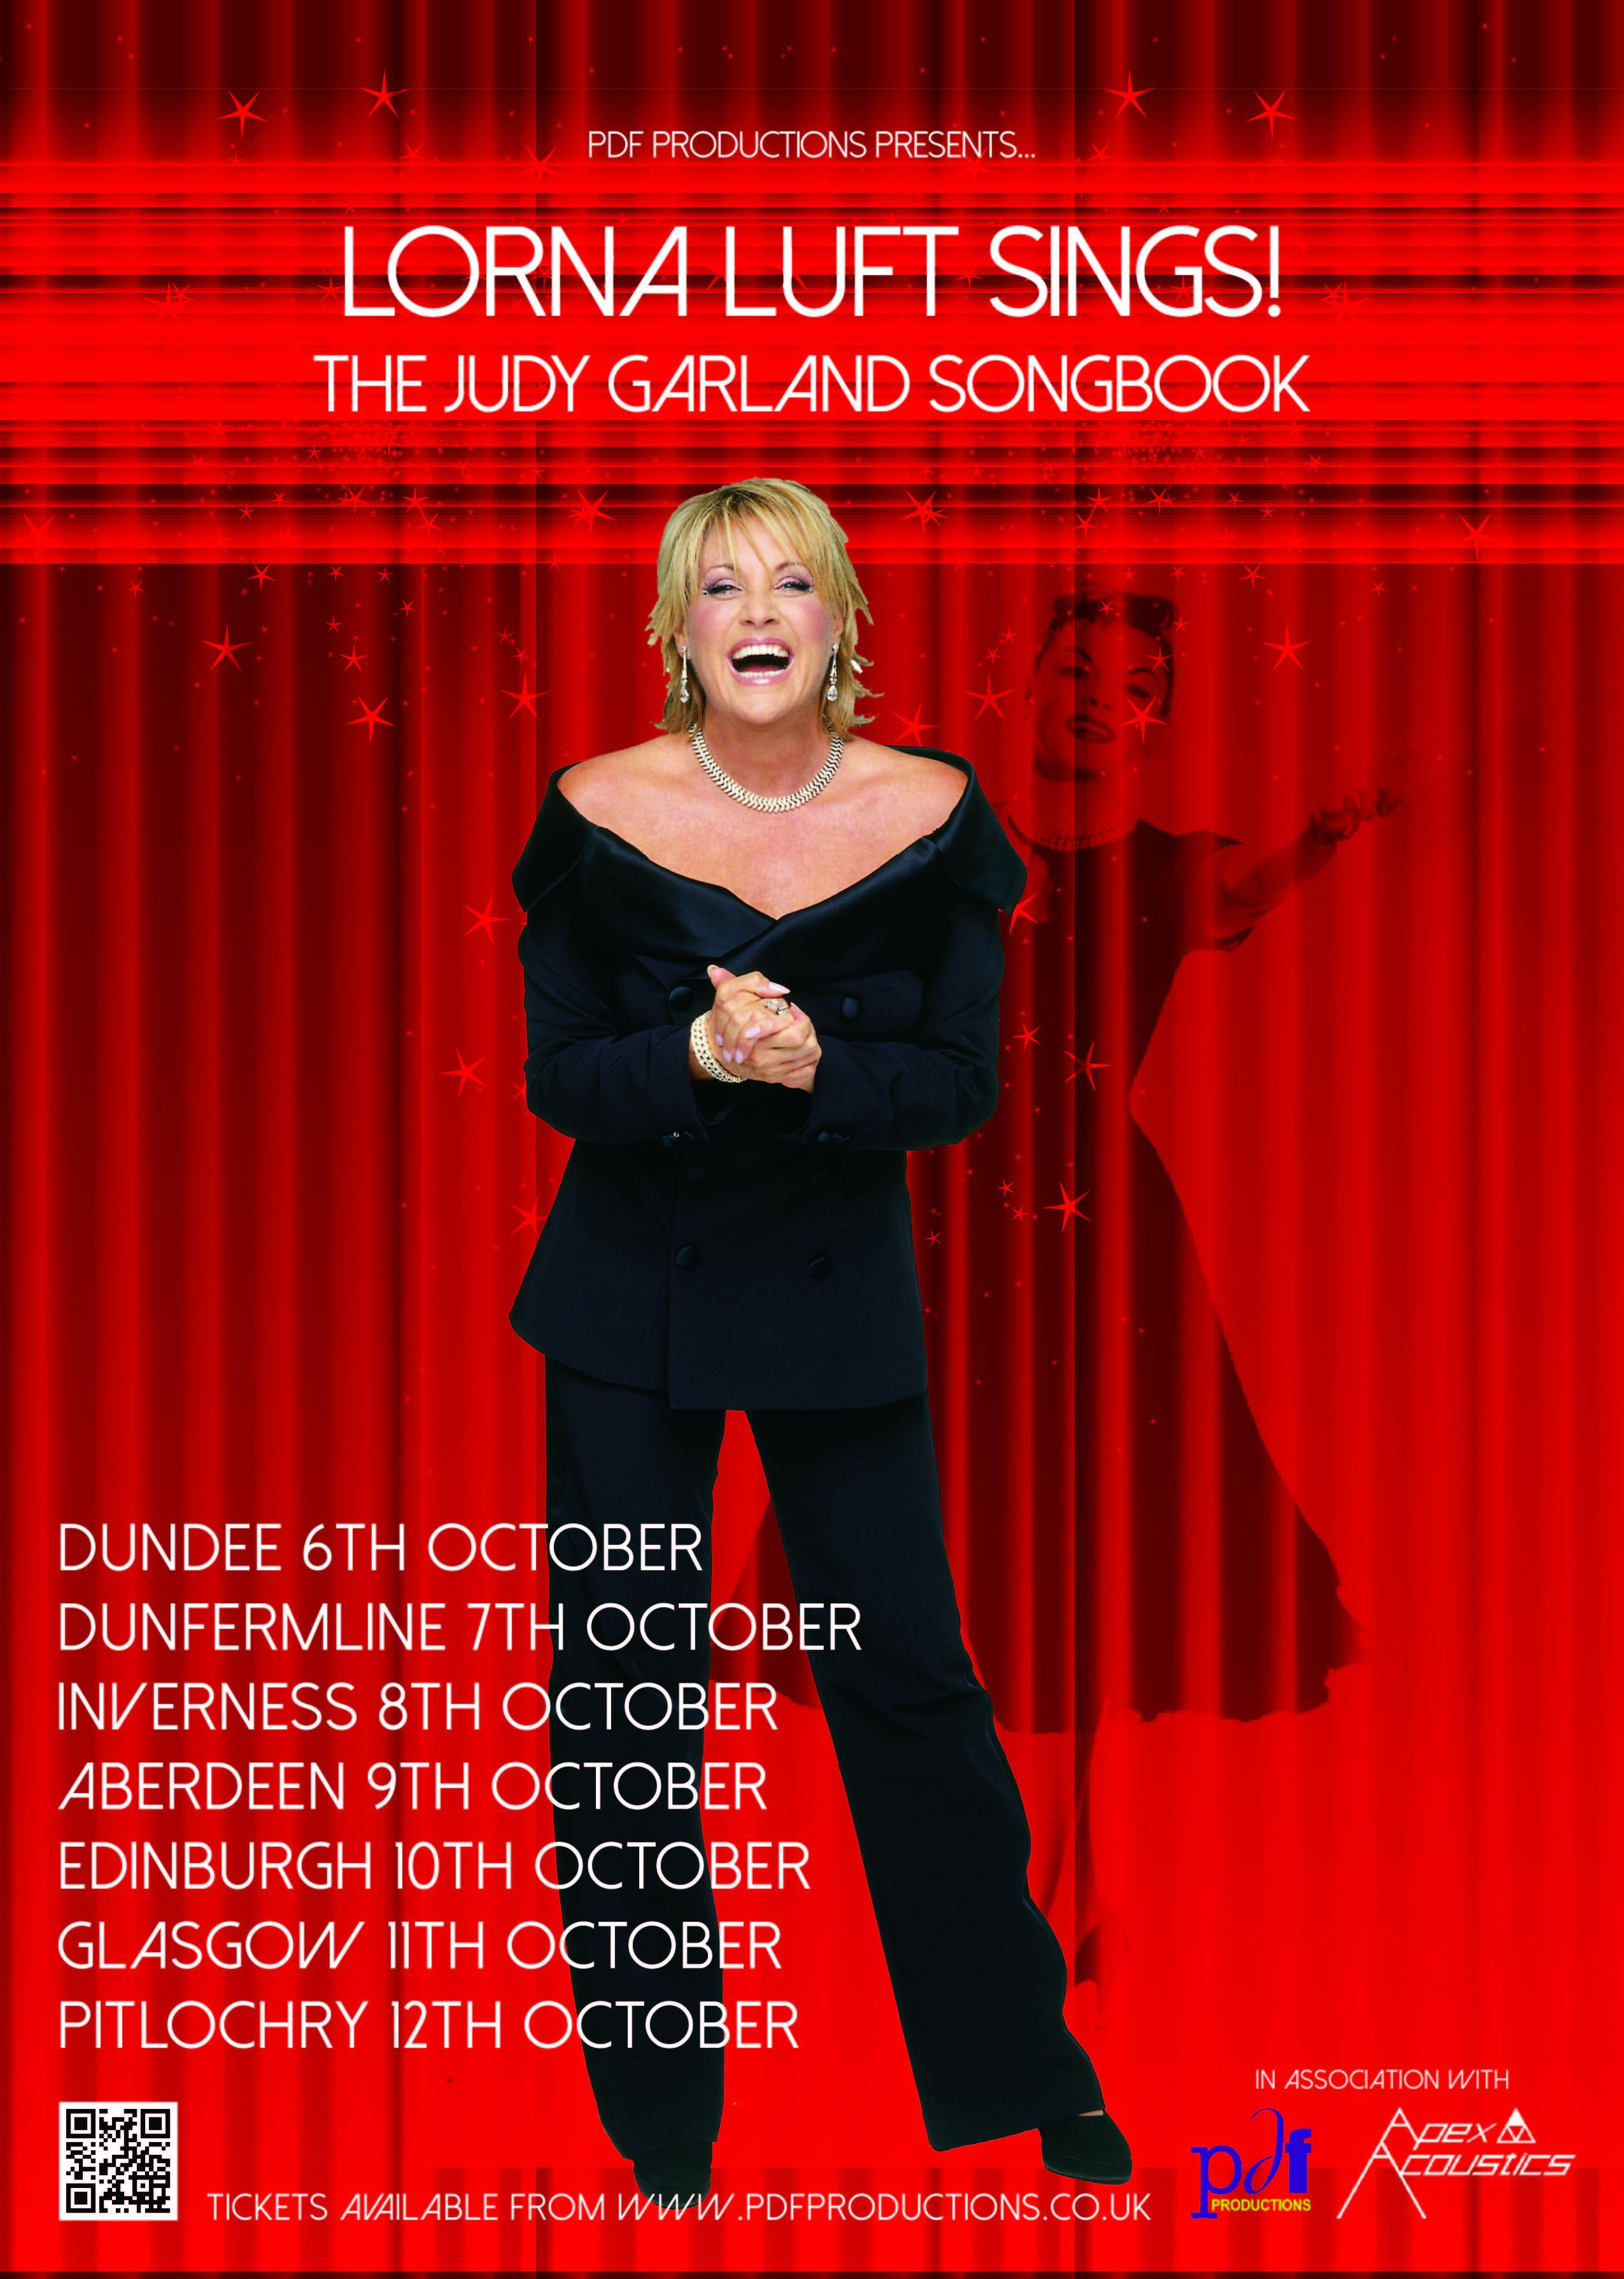 Lornta Luft Sings Poster